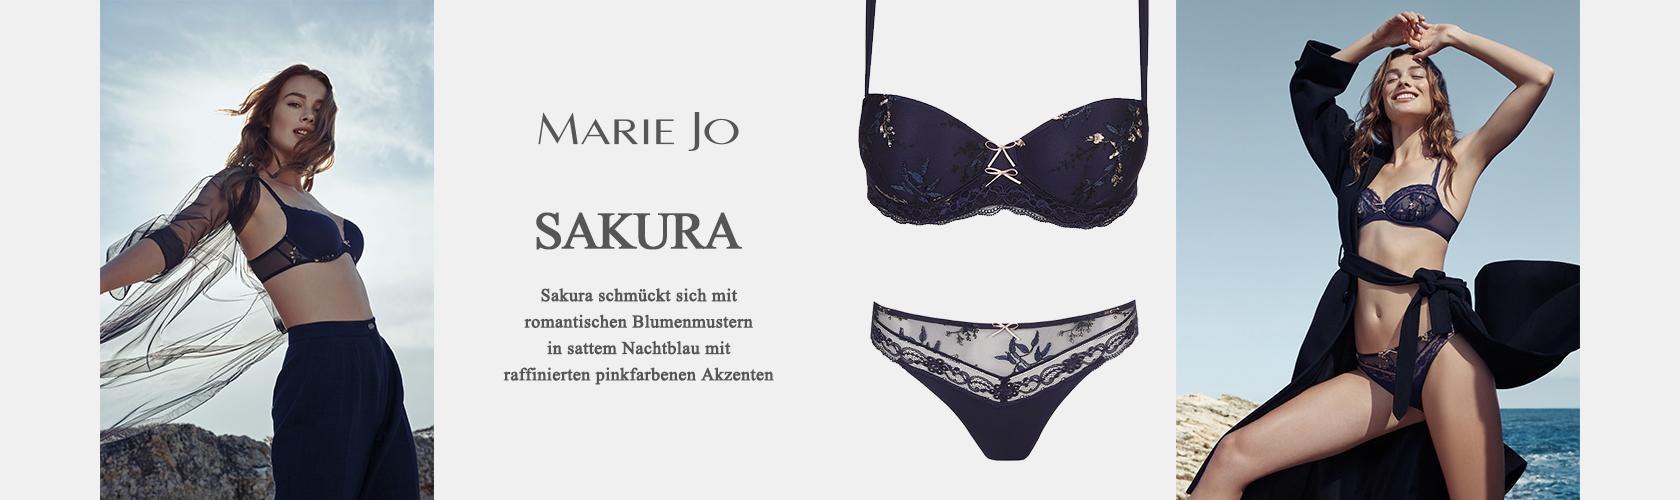 Slideshow Marie Jo SAKURA 09.10.